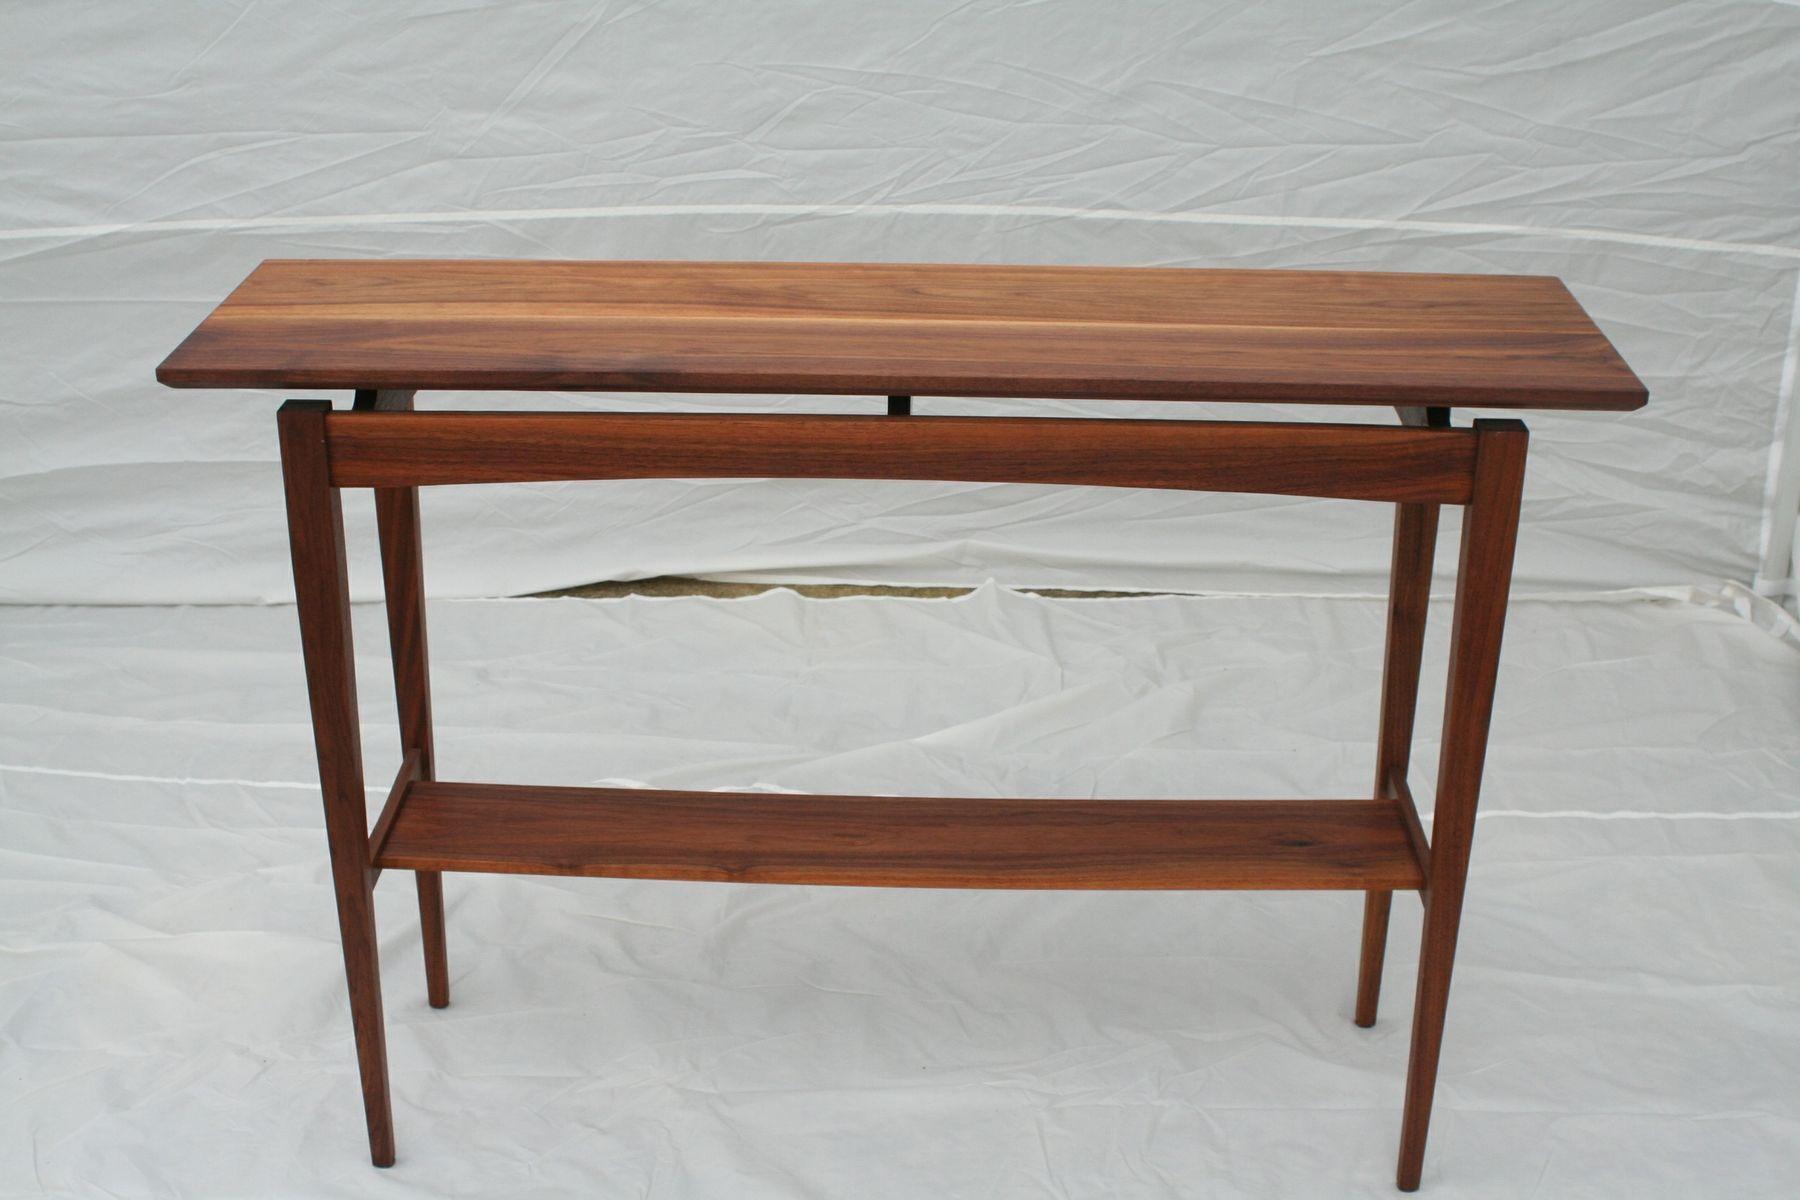 Konsole Tisch Hinter Der Couch Konsole Gehäuse Silber Konsole Tisch, Konsole  Tisch Mit